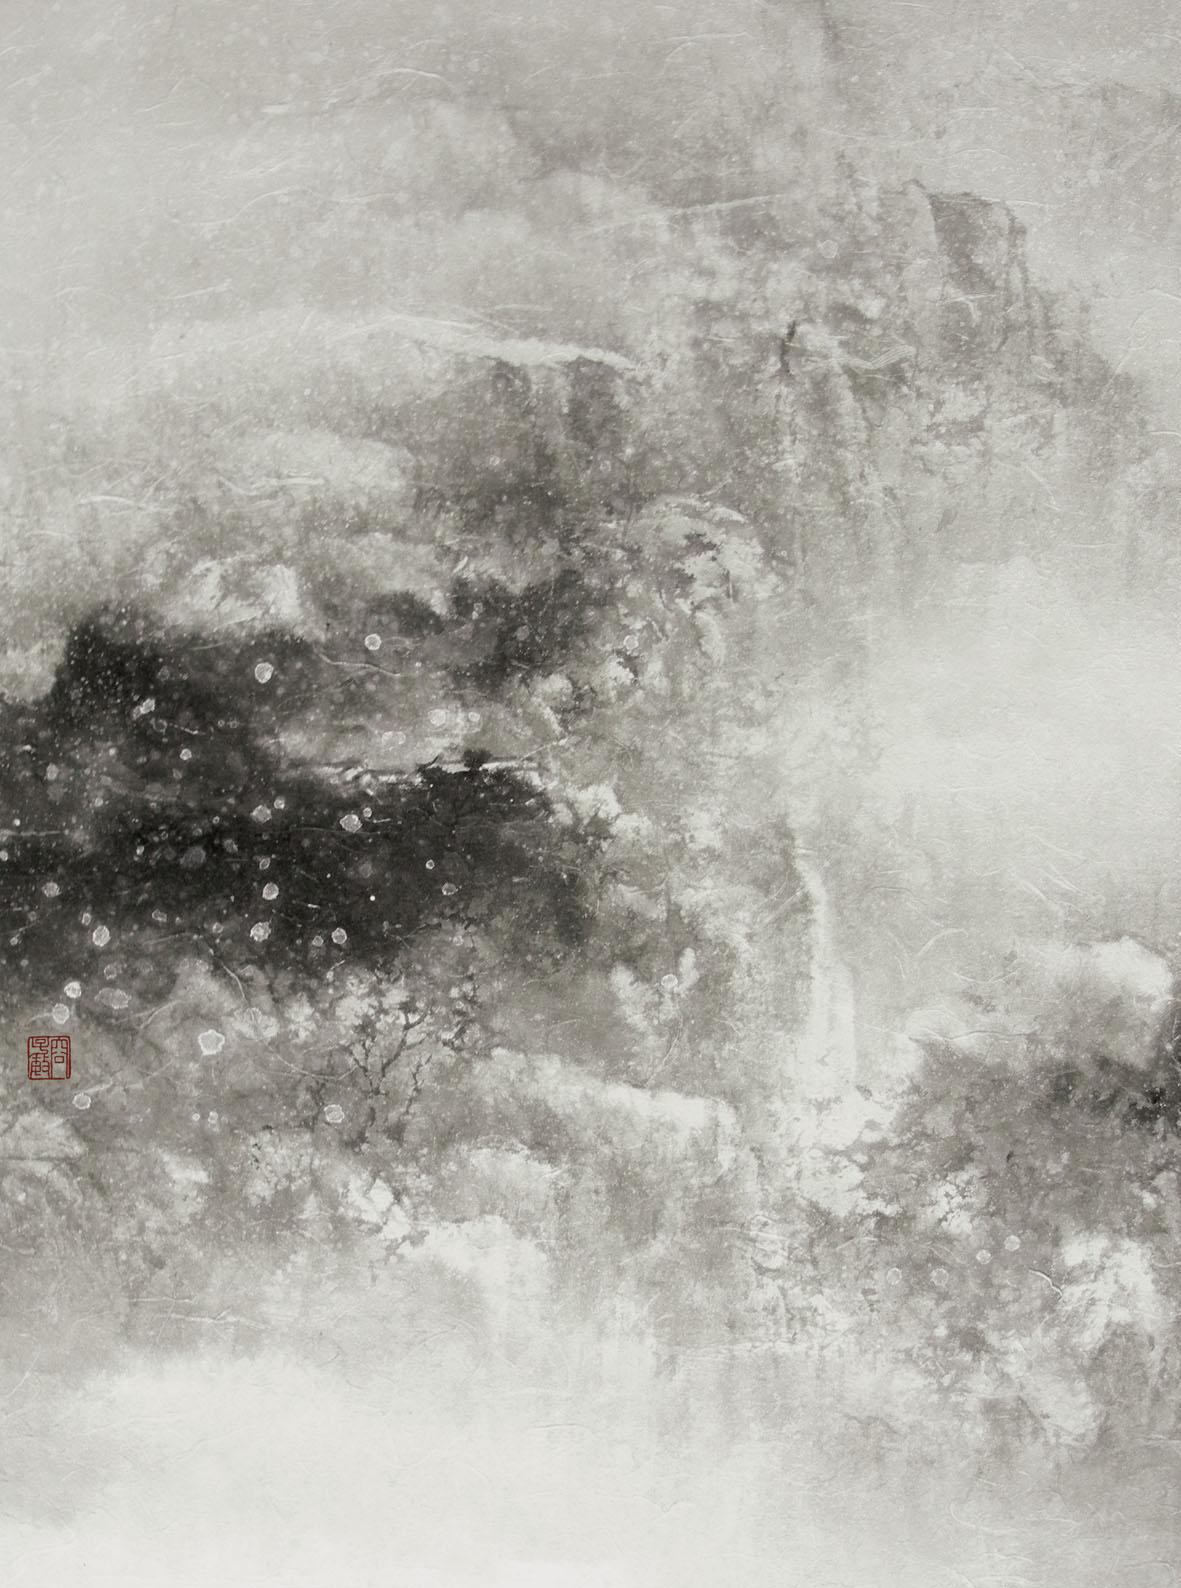 詠雪4 Snow Script